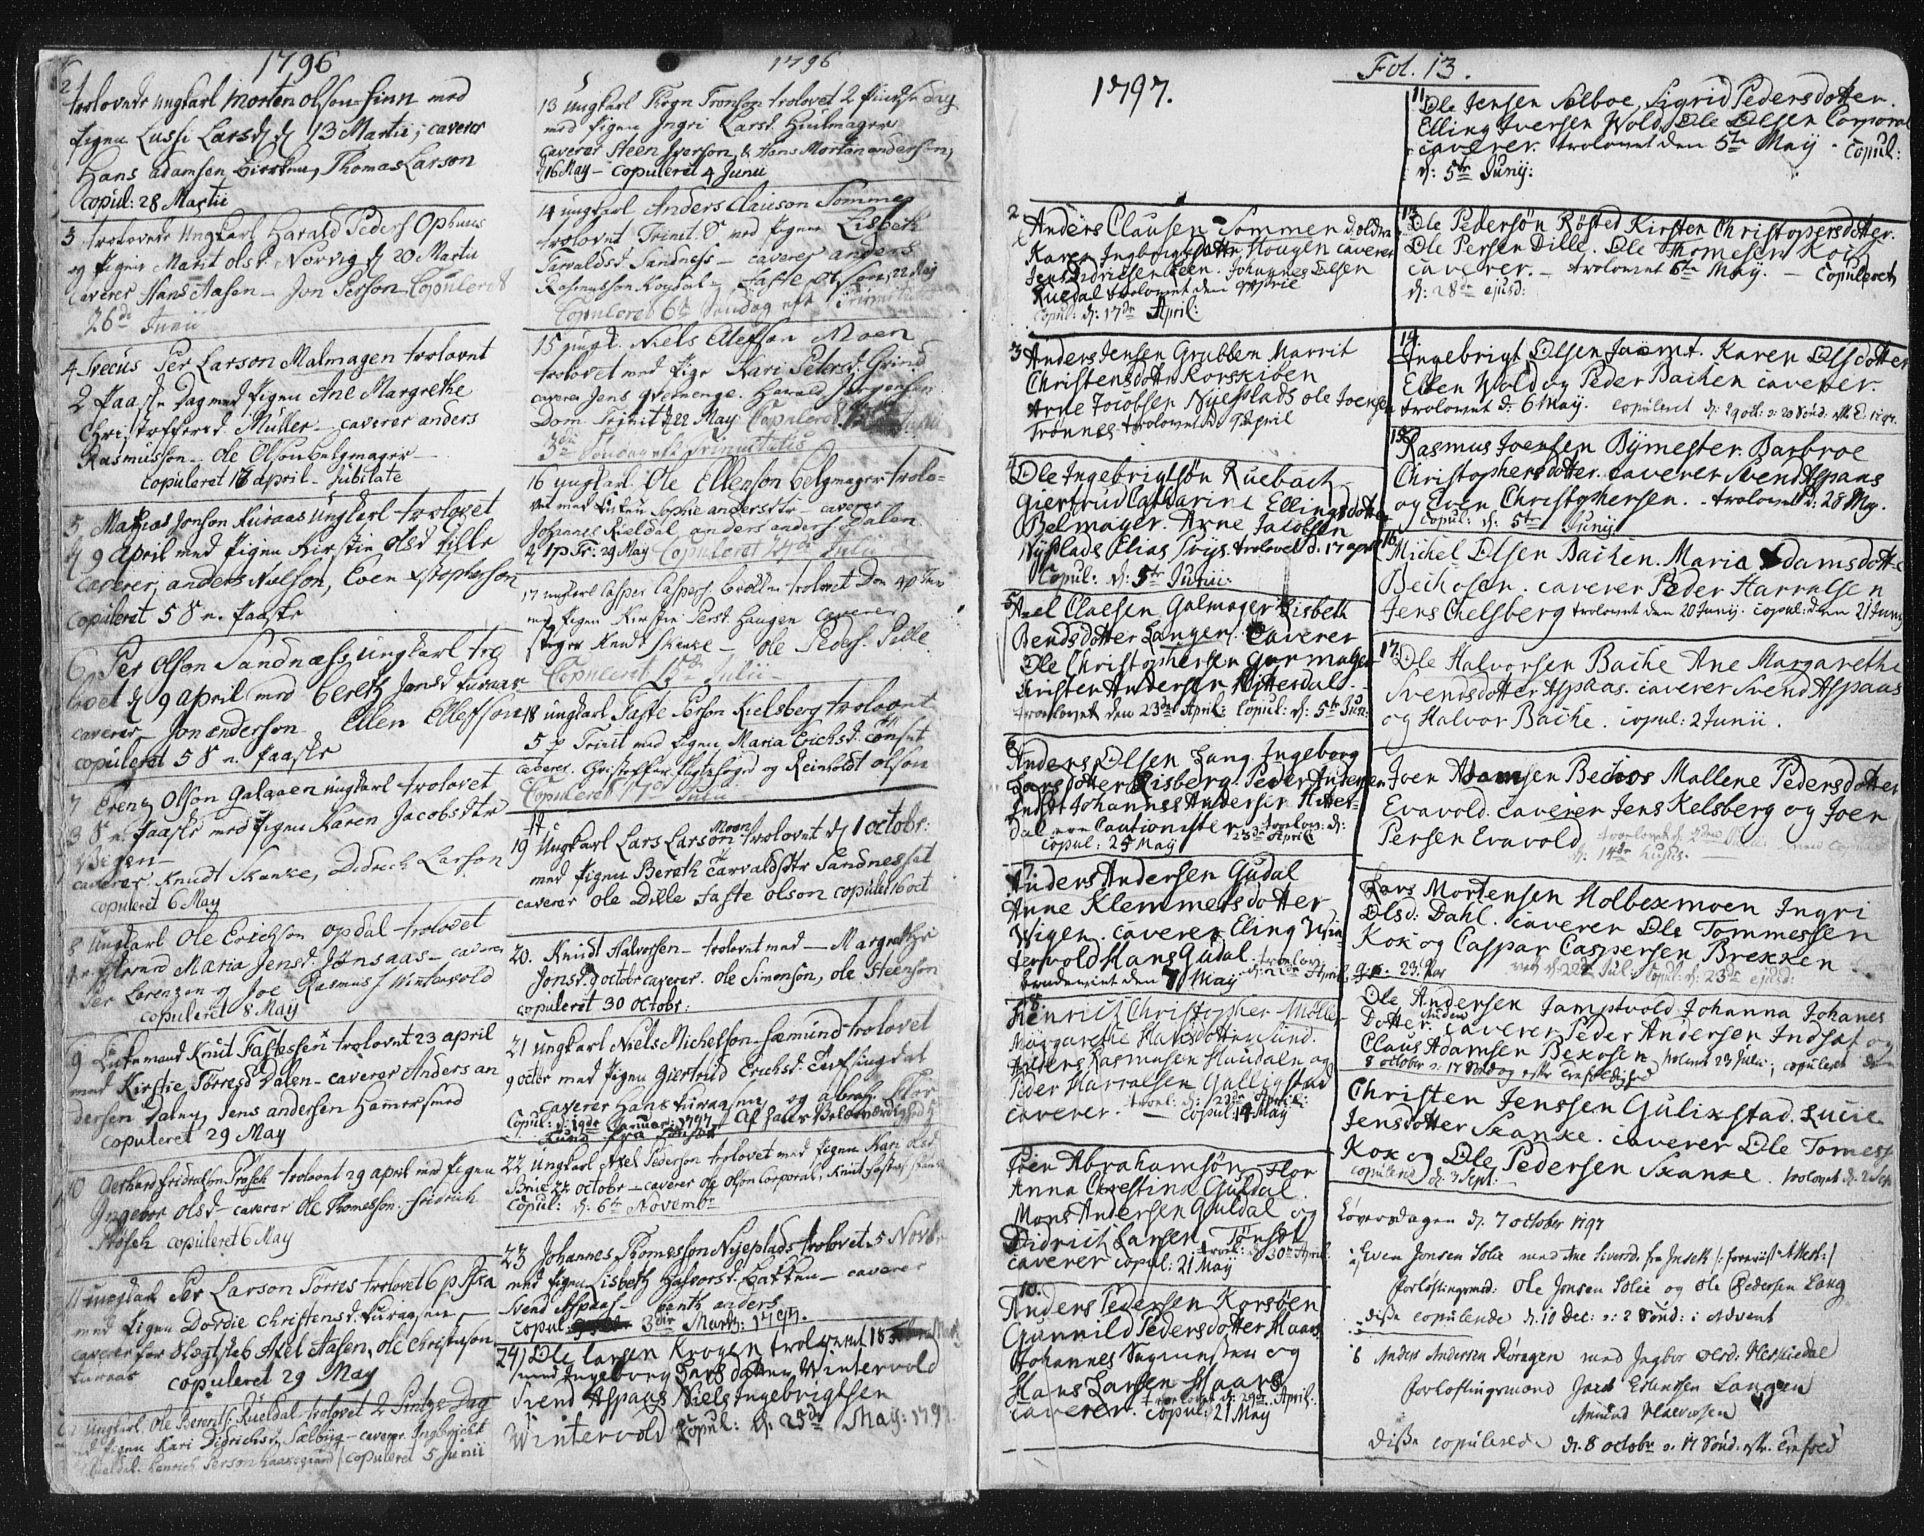 SAT, Ministerialprotokoller, klokkerbøker og fødselsregistre - Sør-Trøndelag, 681/L0926: Ministerialbok nr. 681A04, 1767-1797, s. 13